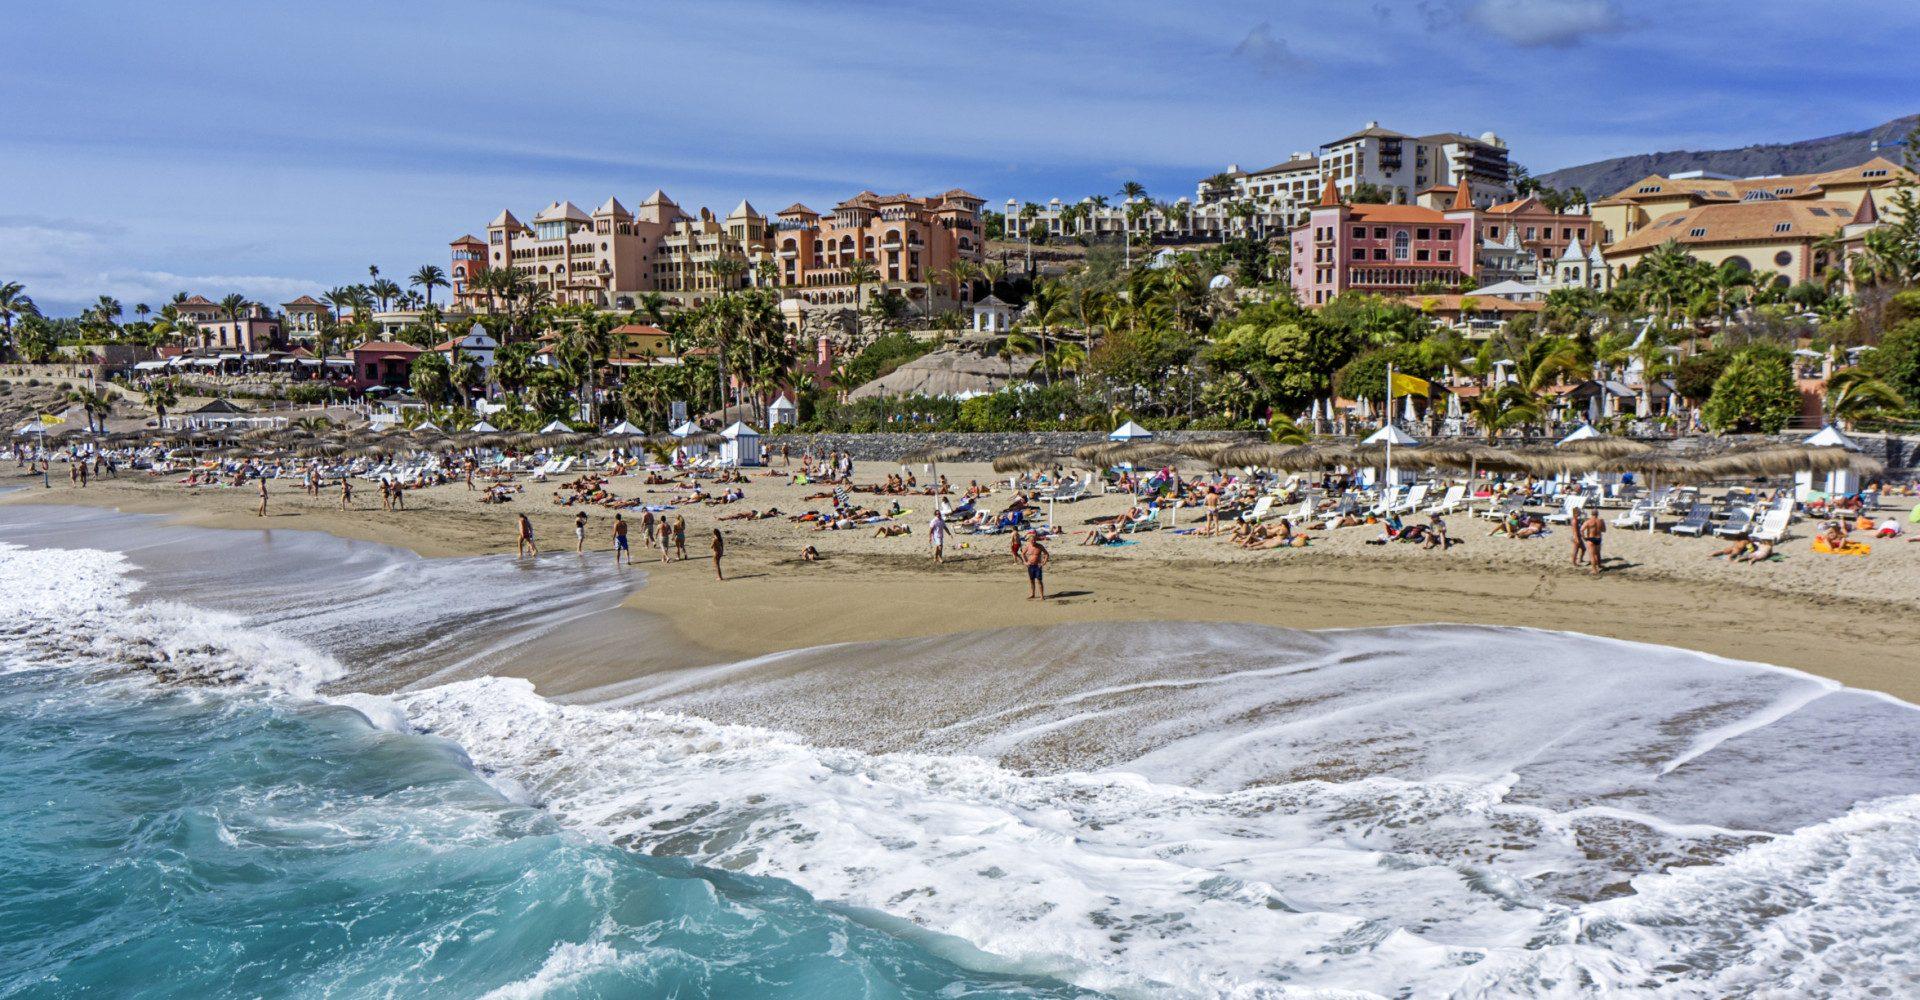 andare in pensione a Tenerife